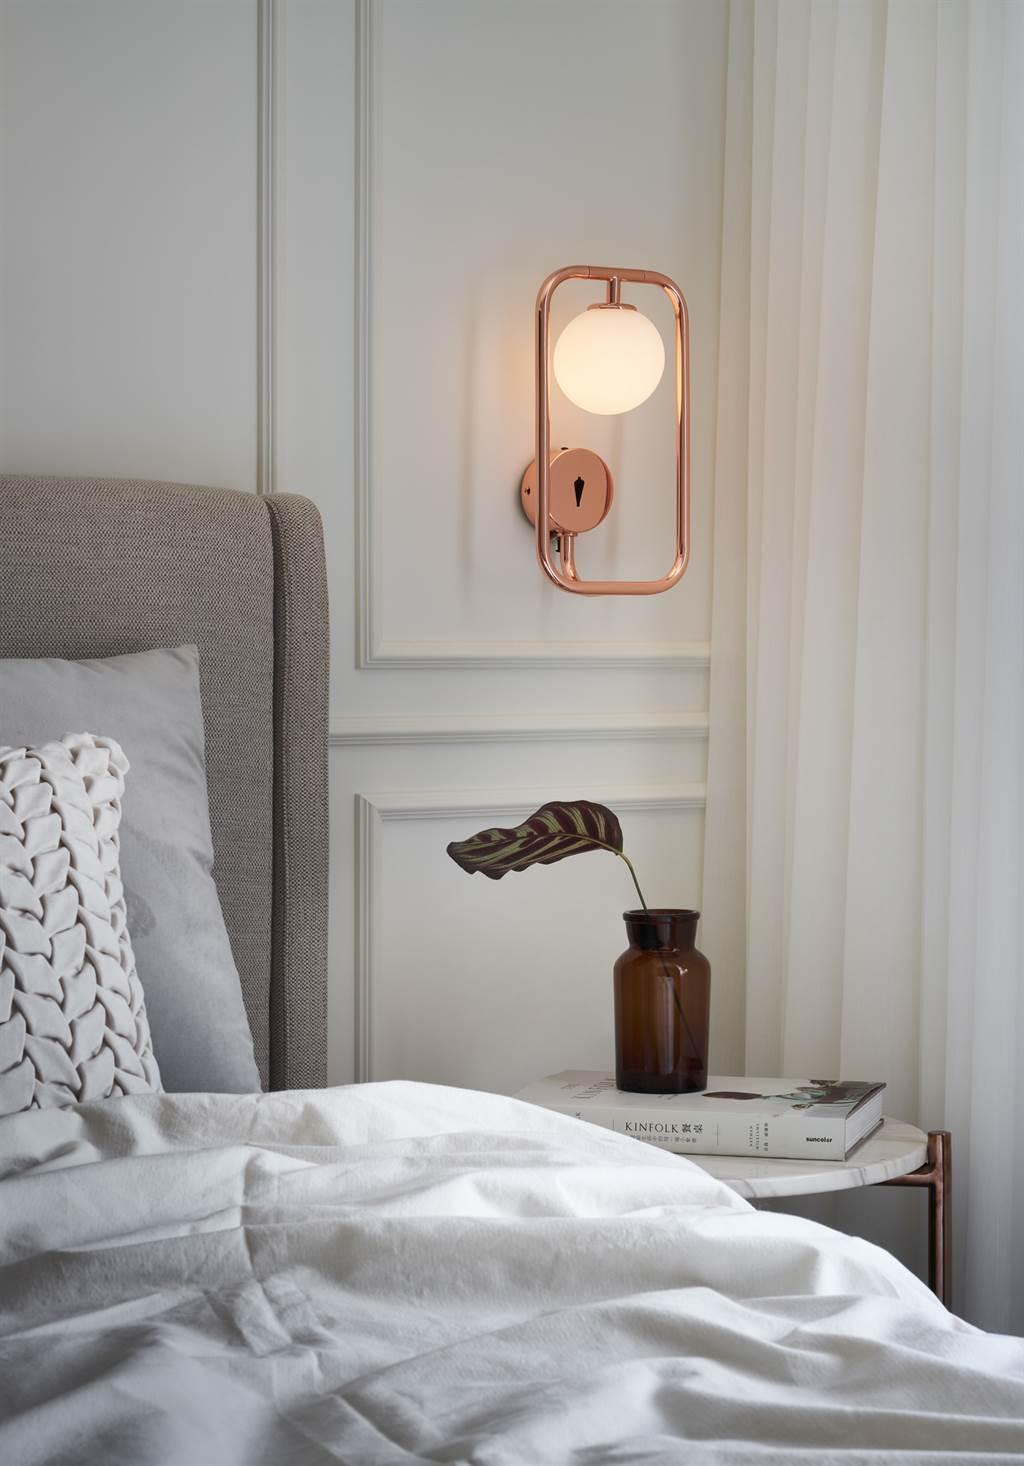 ▲由銅色線條組成的《方圓》(Sircle)系列,靈感來自「以方生圓」的東方哲思。可翻出框架外的圓形燈球,以白玉玻璃材質和金屬線條形成溫潤的感受。